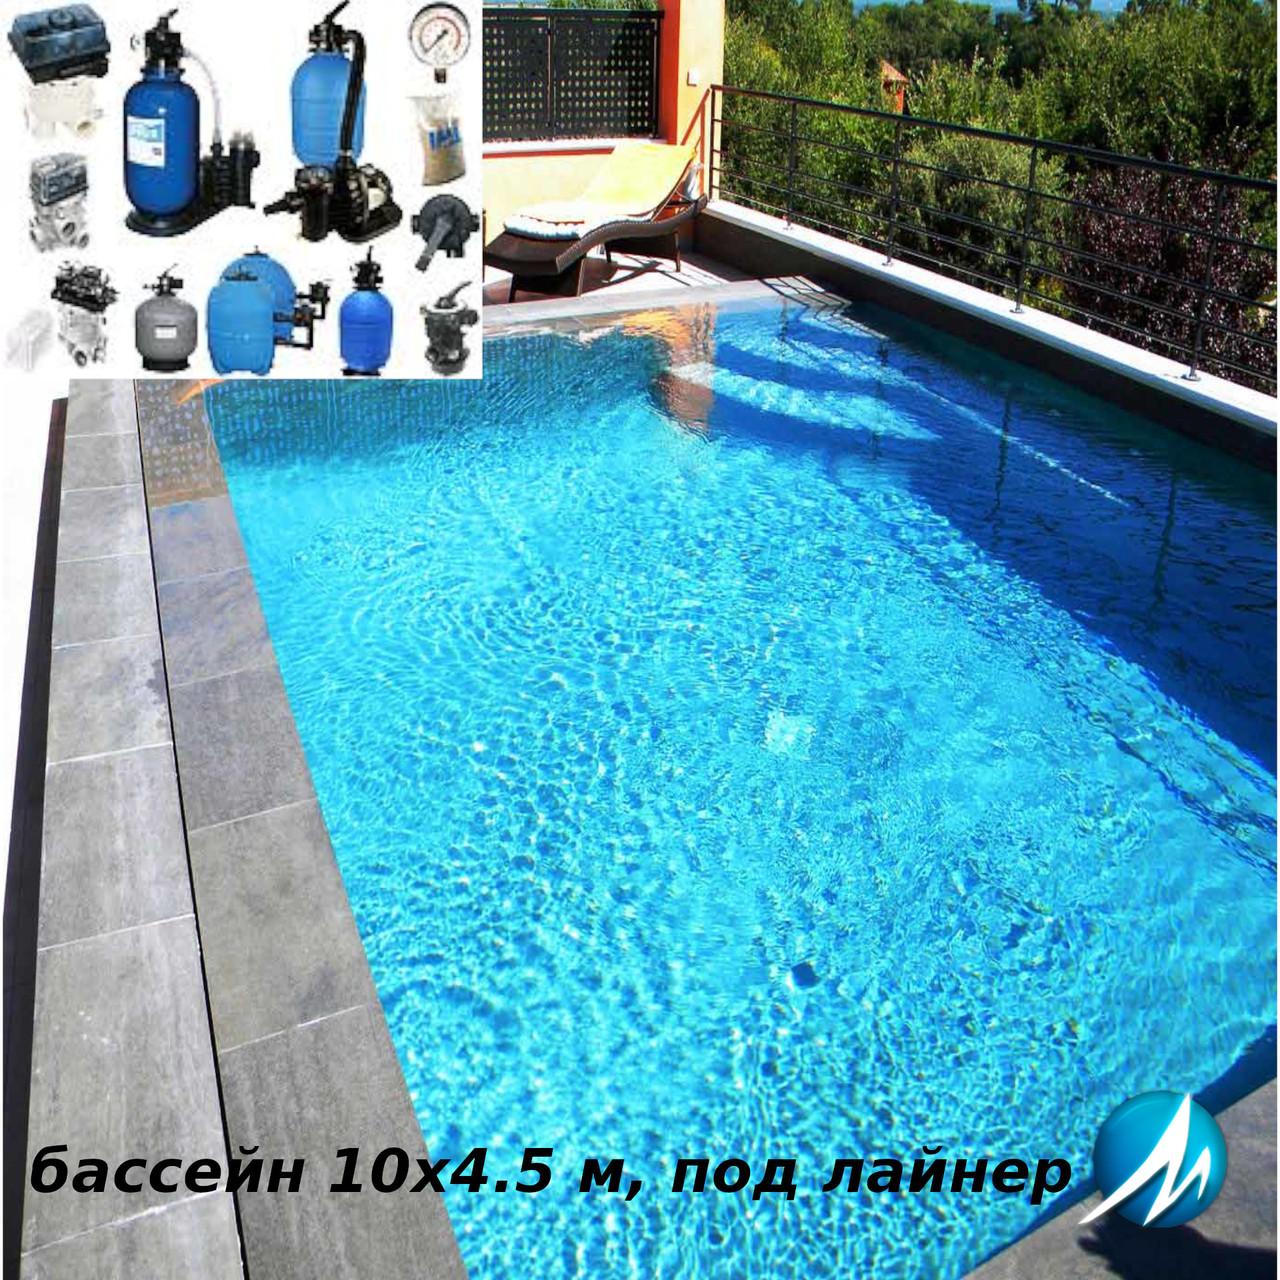 Комплект оборудования для бетонного бассейна 10х4,5 м с отделкой лайнером